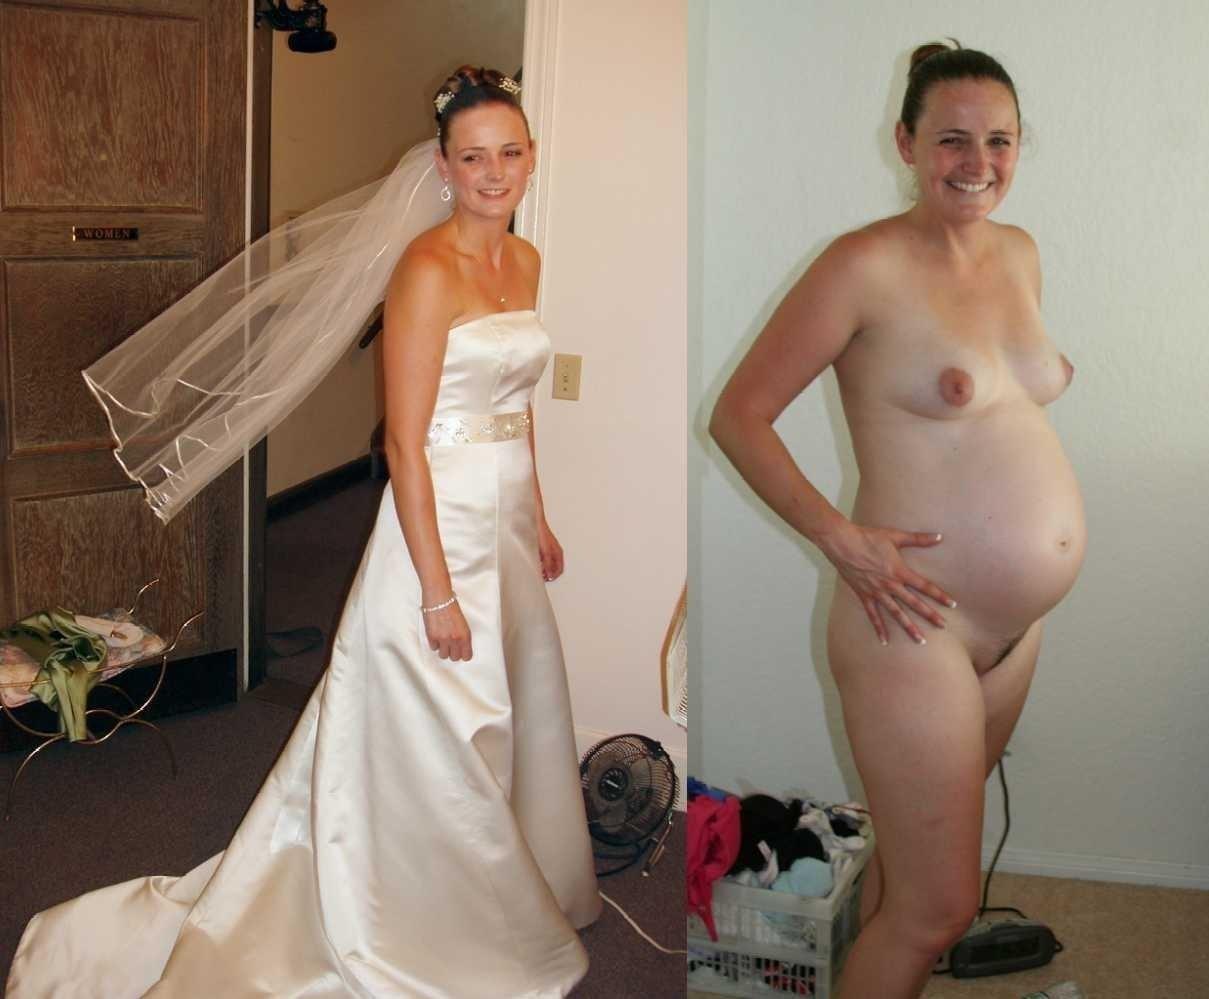 Real naked brides